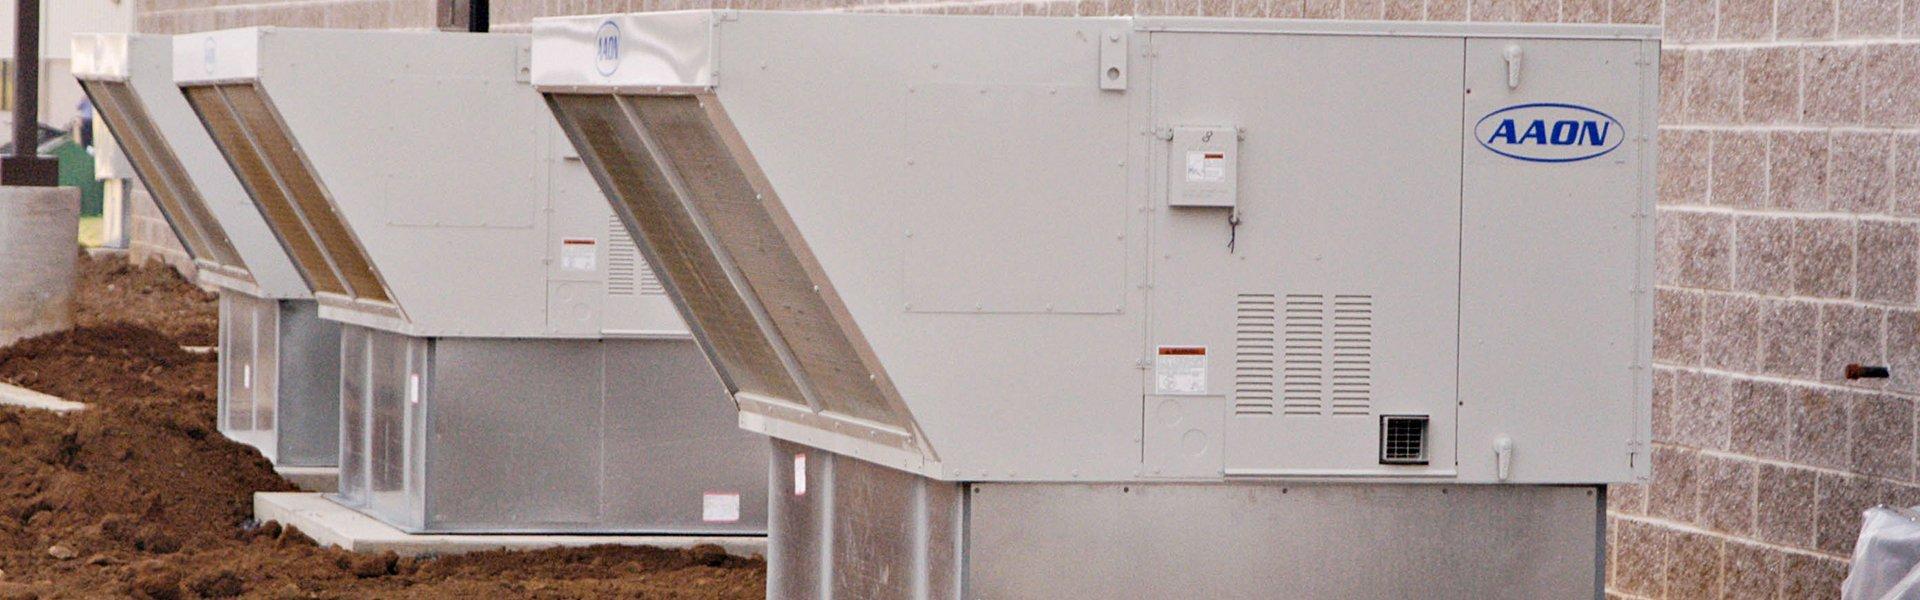 Accu Aire Mechanical Llc Hvac Services San Antonio Tx